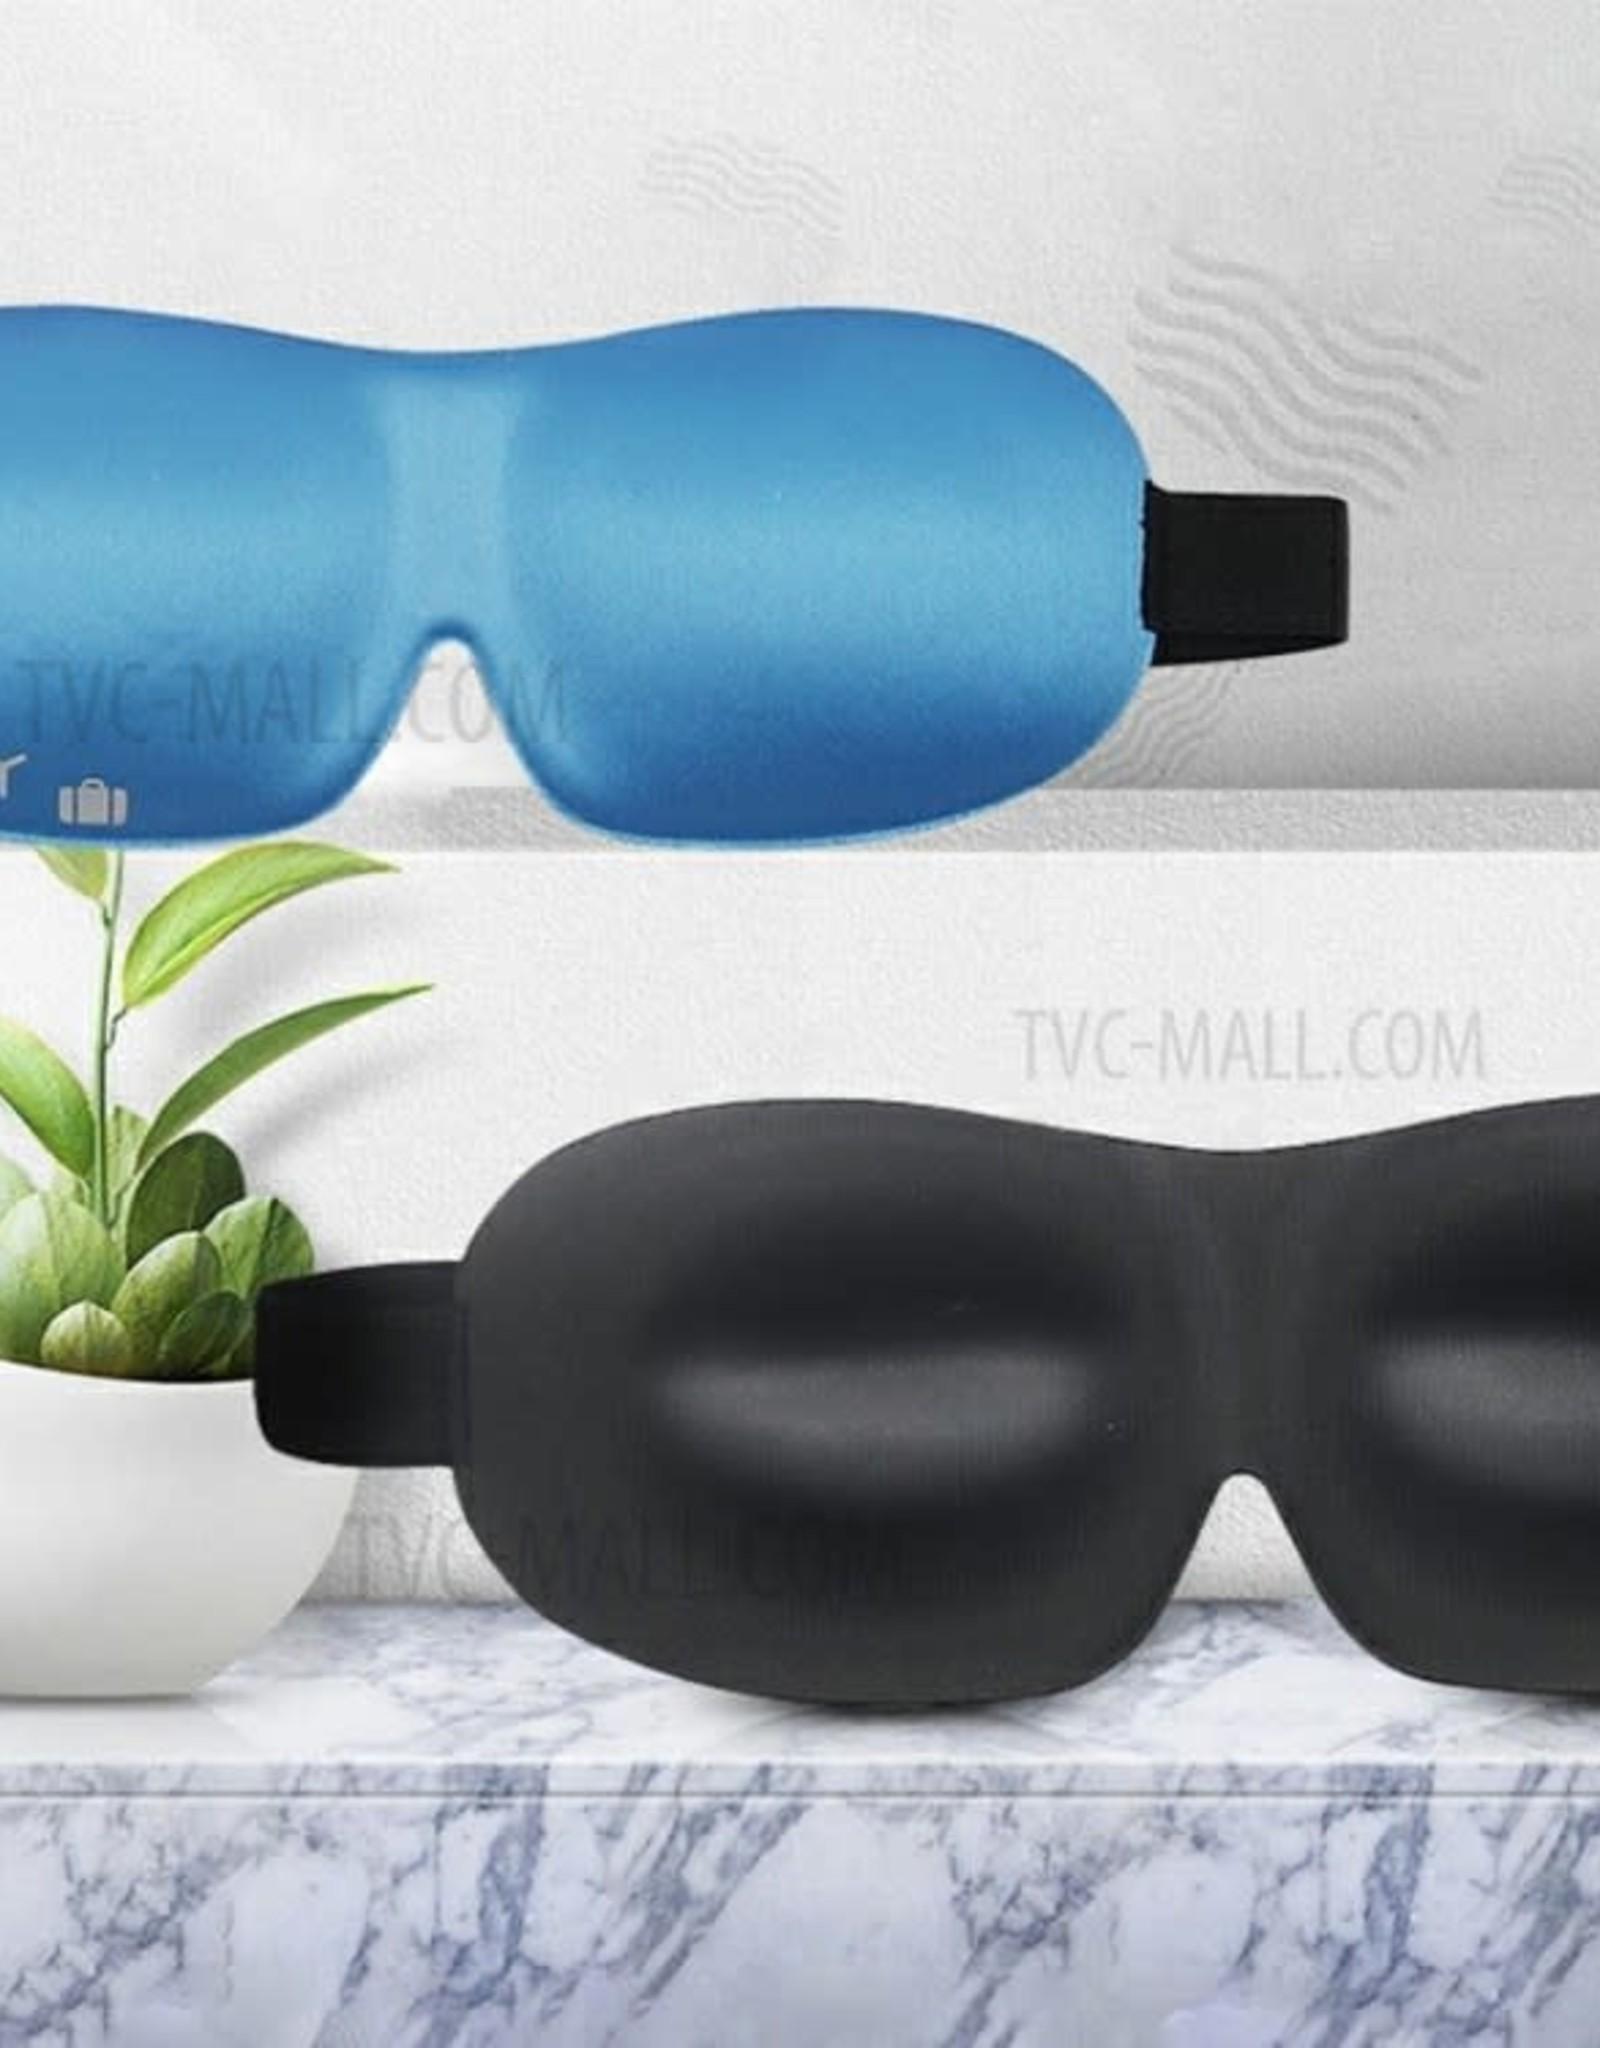 pictet-fino Pictet- Fino 3D sleeping eye cover